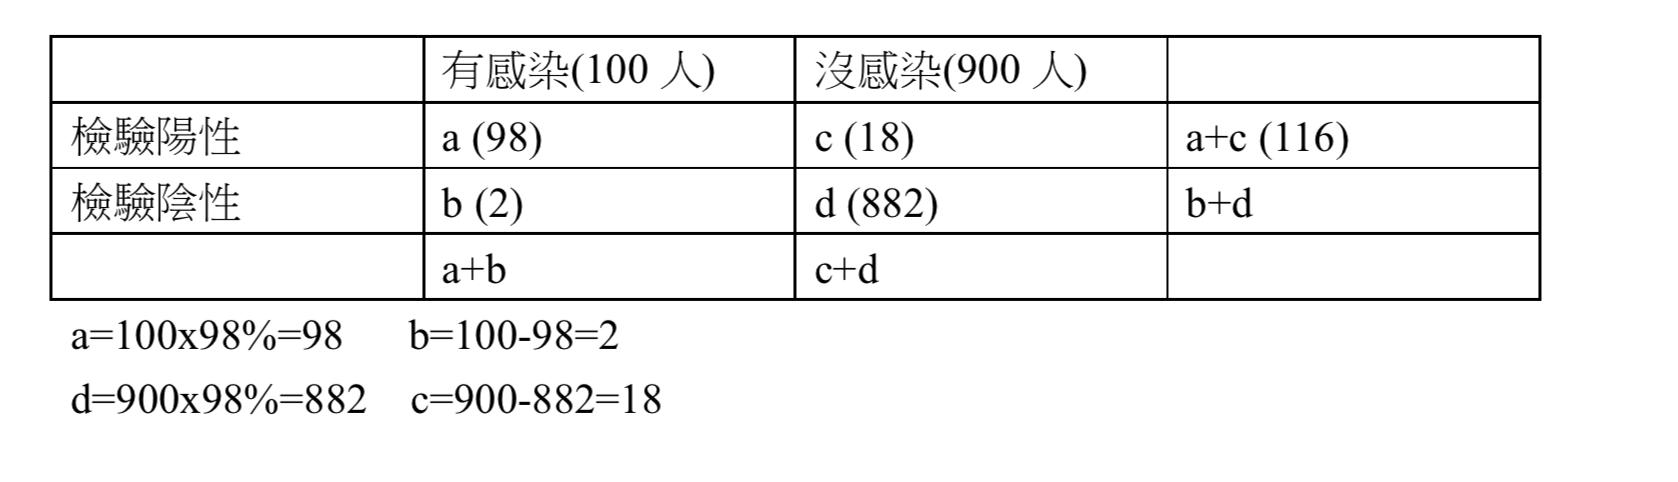 高風險地區換算表。(表2)